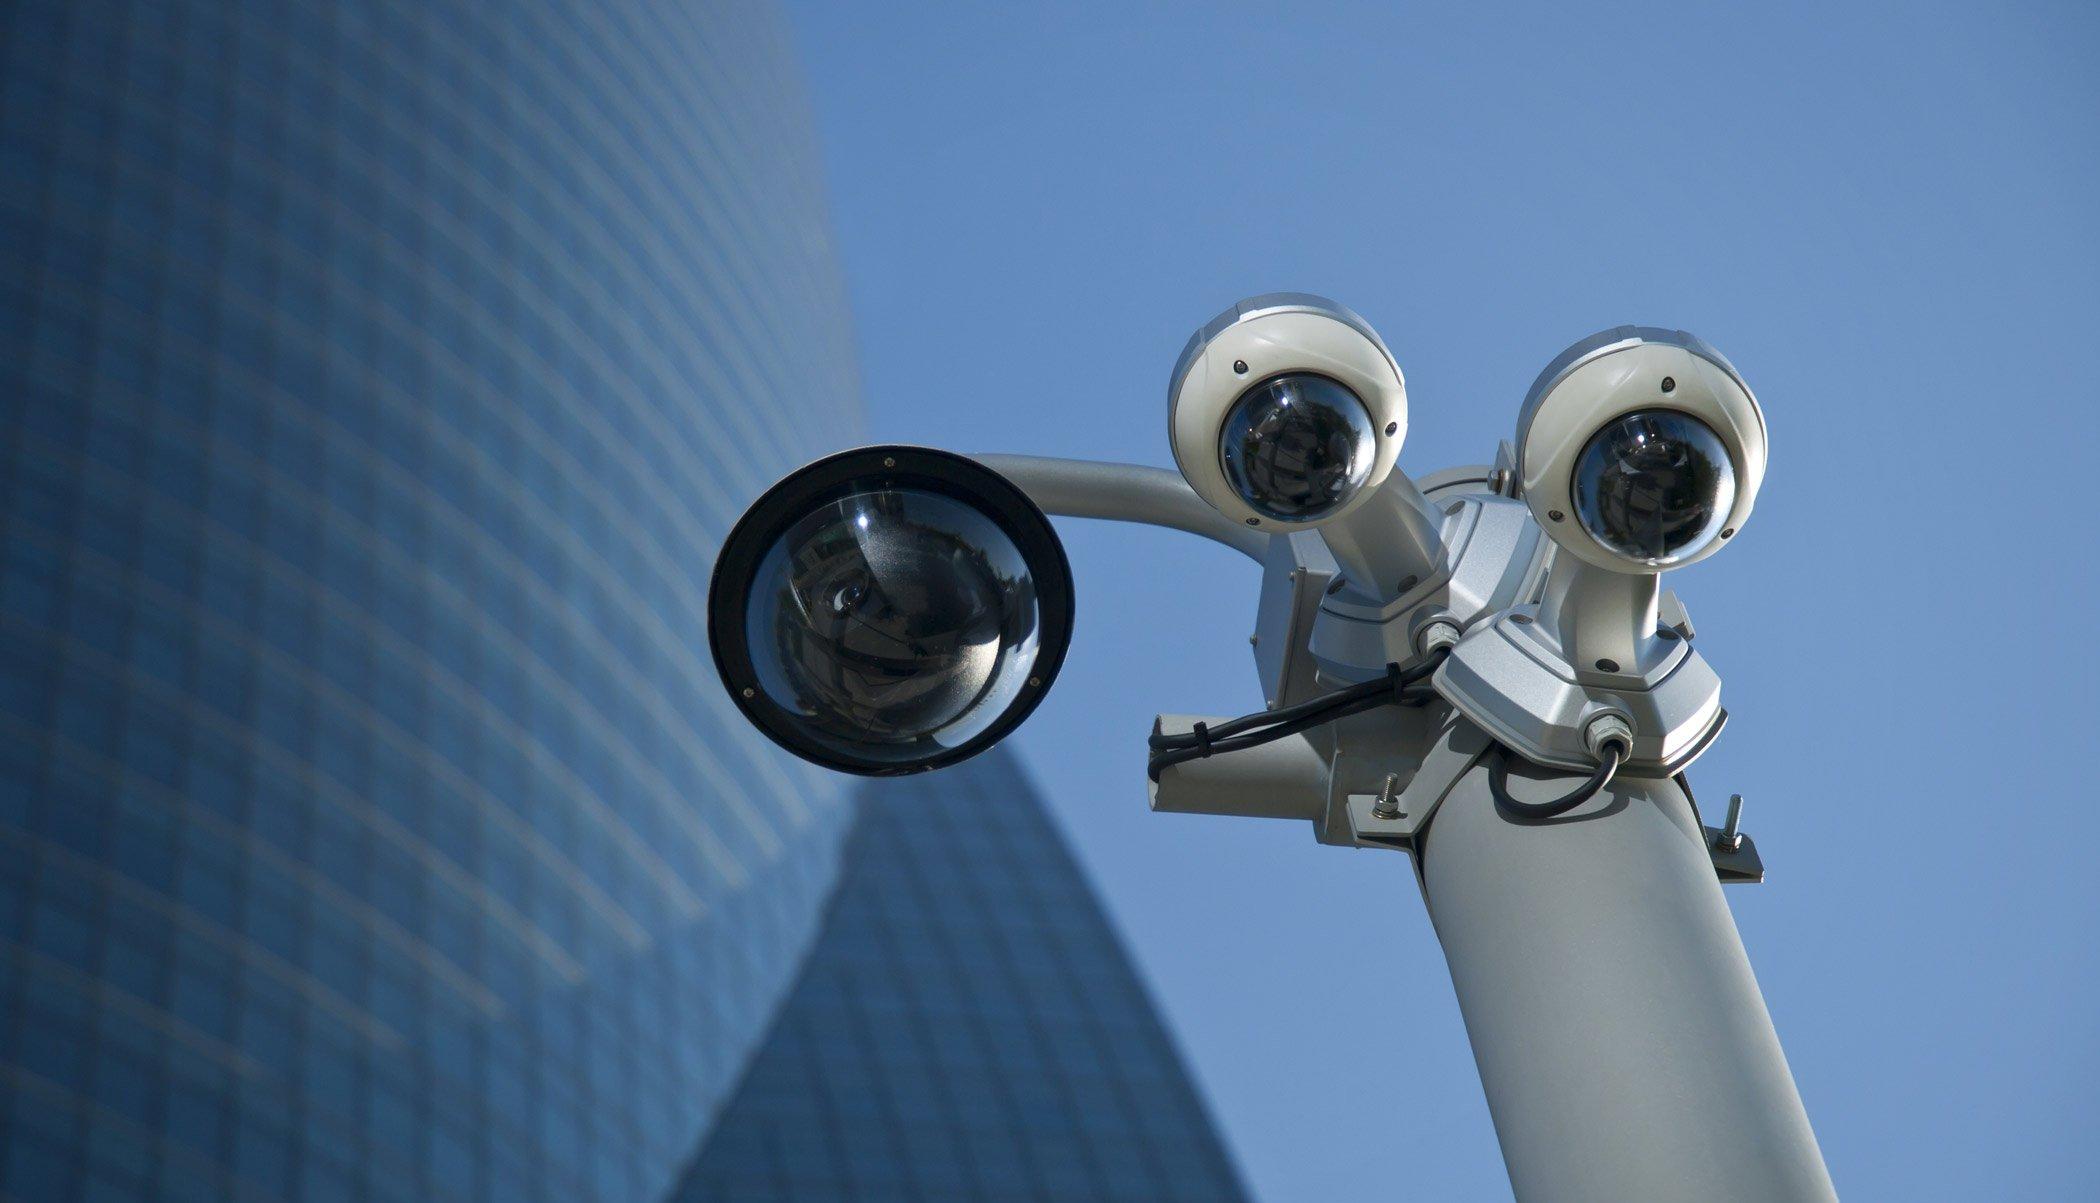 Impianti di videosorveglianza fiumicino